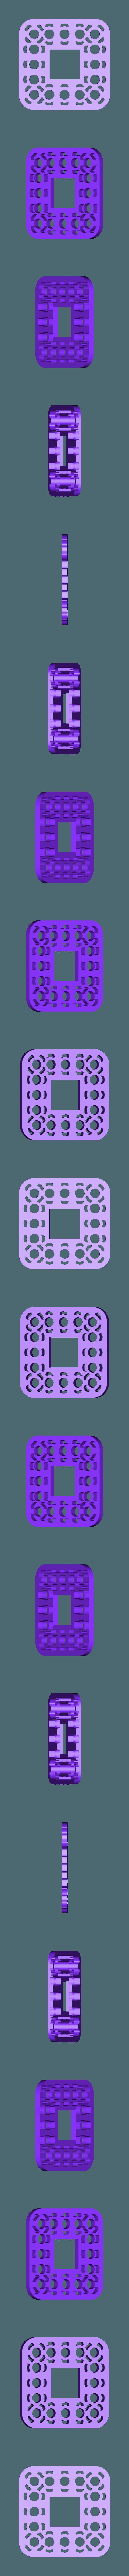 square_5_5.STL Télécharger fichier STL gratuit MEGA Expansion 200+ Pièces • Plan à imprimer en 3D, Pwentey